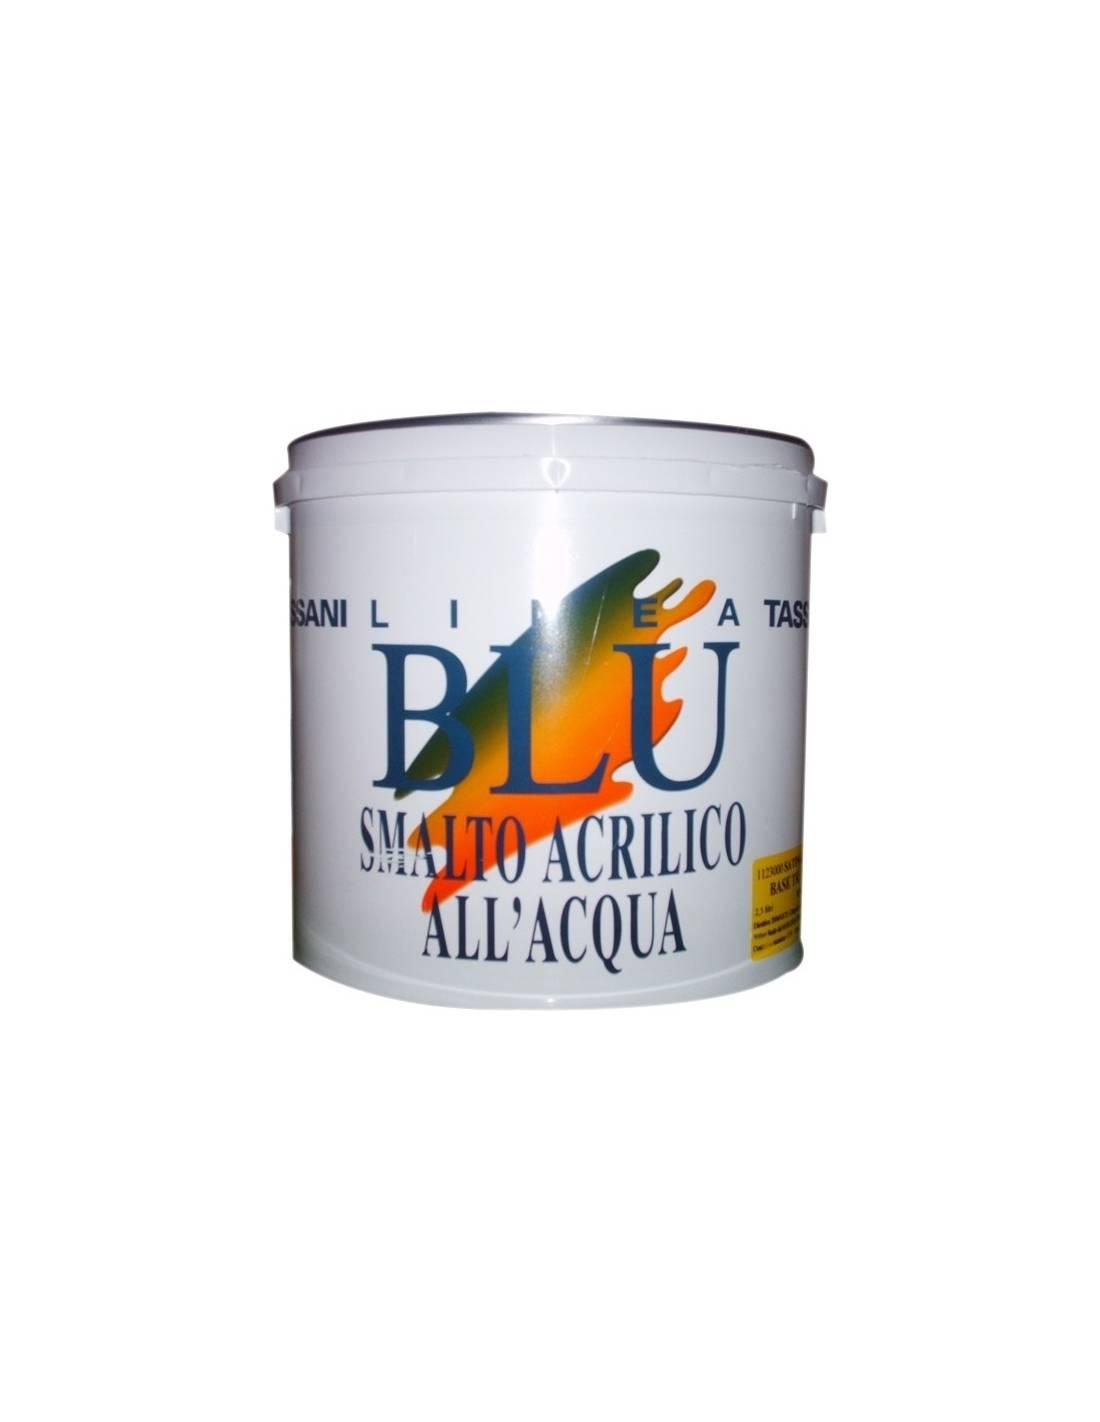 Tassani linea blu smalto acrilico all acqua satinato for Smalto all acqua